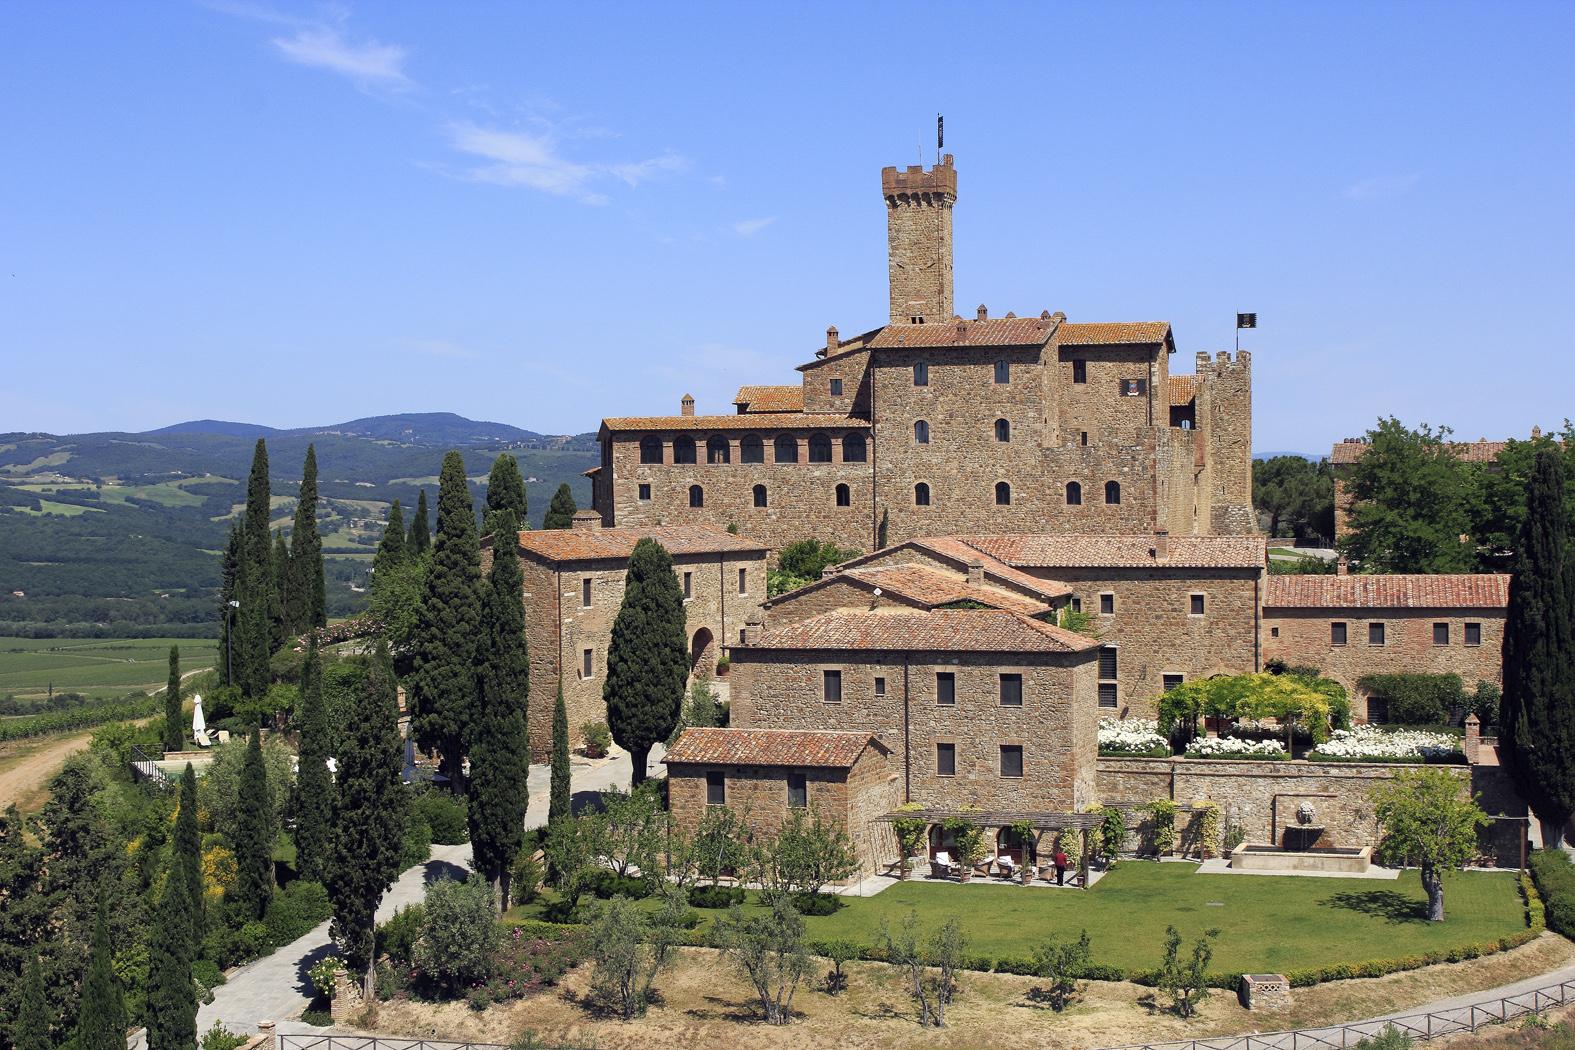 Foto panoramica del Castello Banfi immerso nel verde